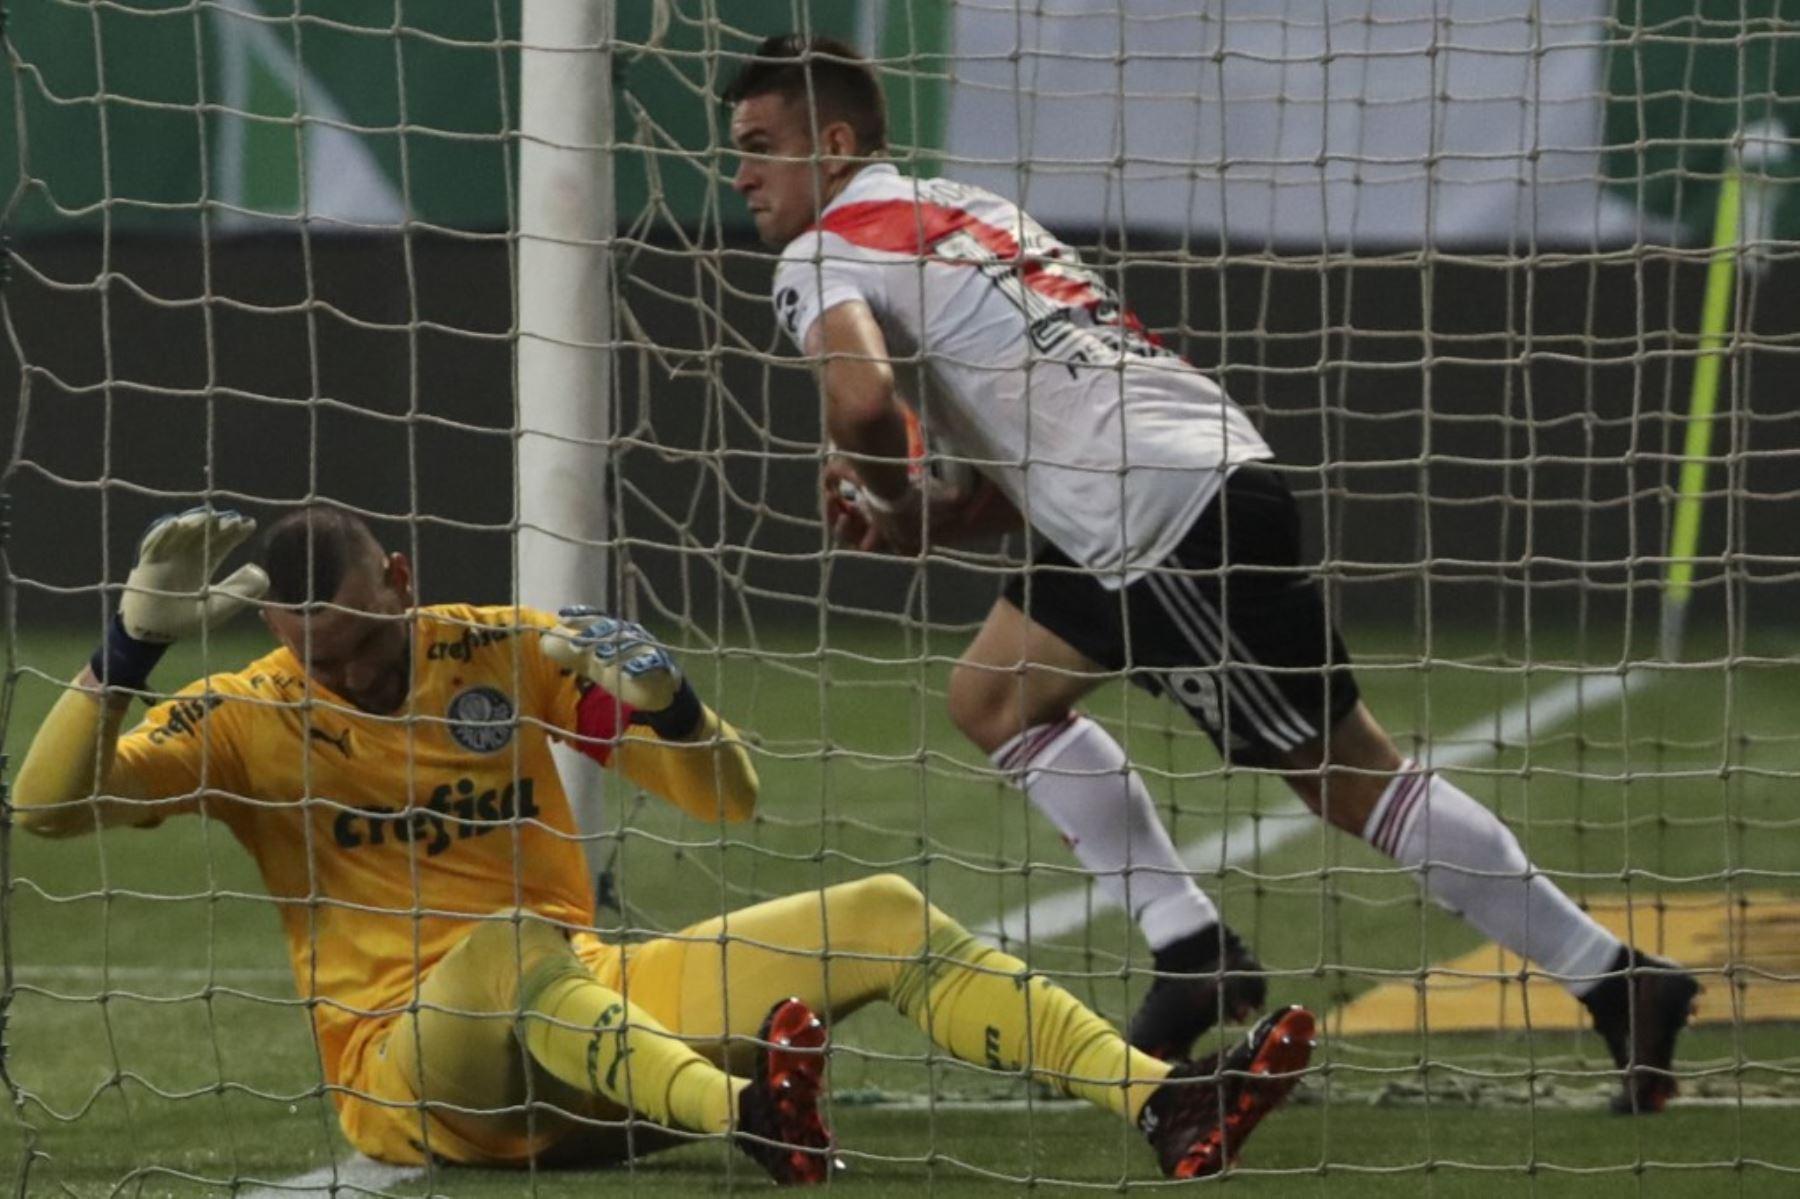 El colombiano Rafael Santos Borre recibe el balón después de anotar al portero del Palmeiras de Brasil Weverton durante su partido de fútbol semifinal de la Copa Libertadores en el estadio Allianz Parque en Sao Paulo, Brasil. Foto: AFP